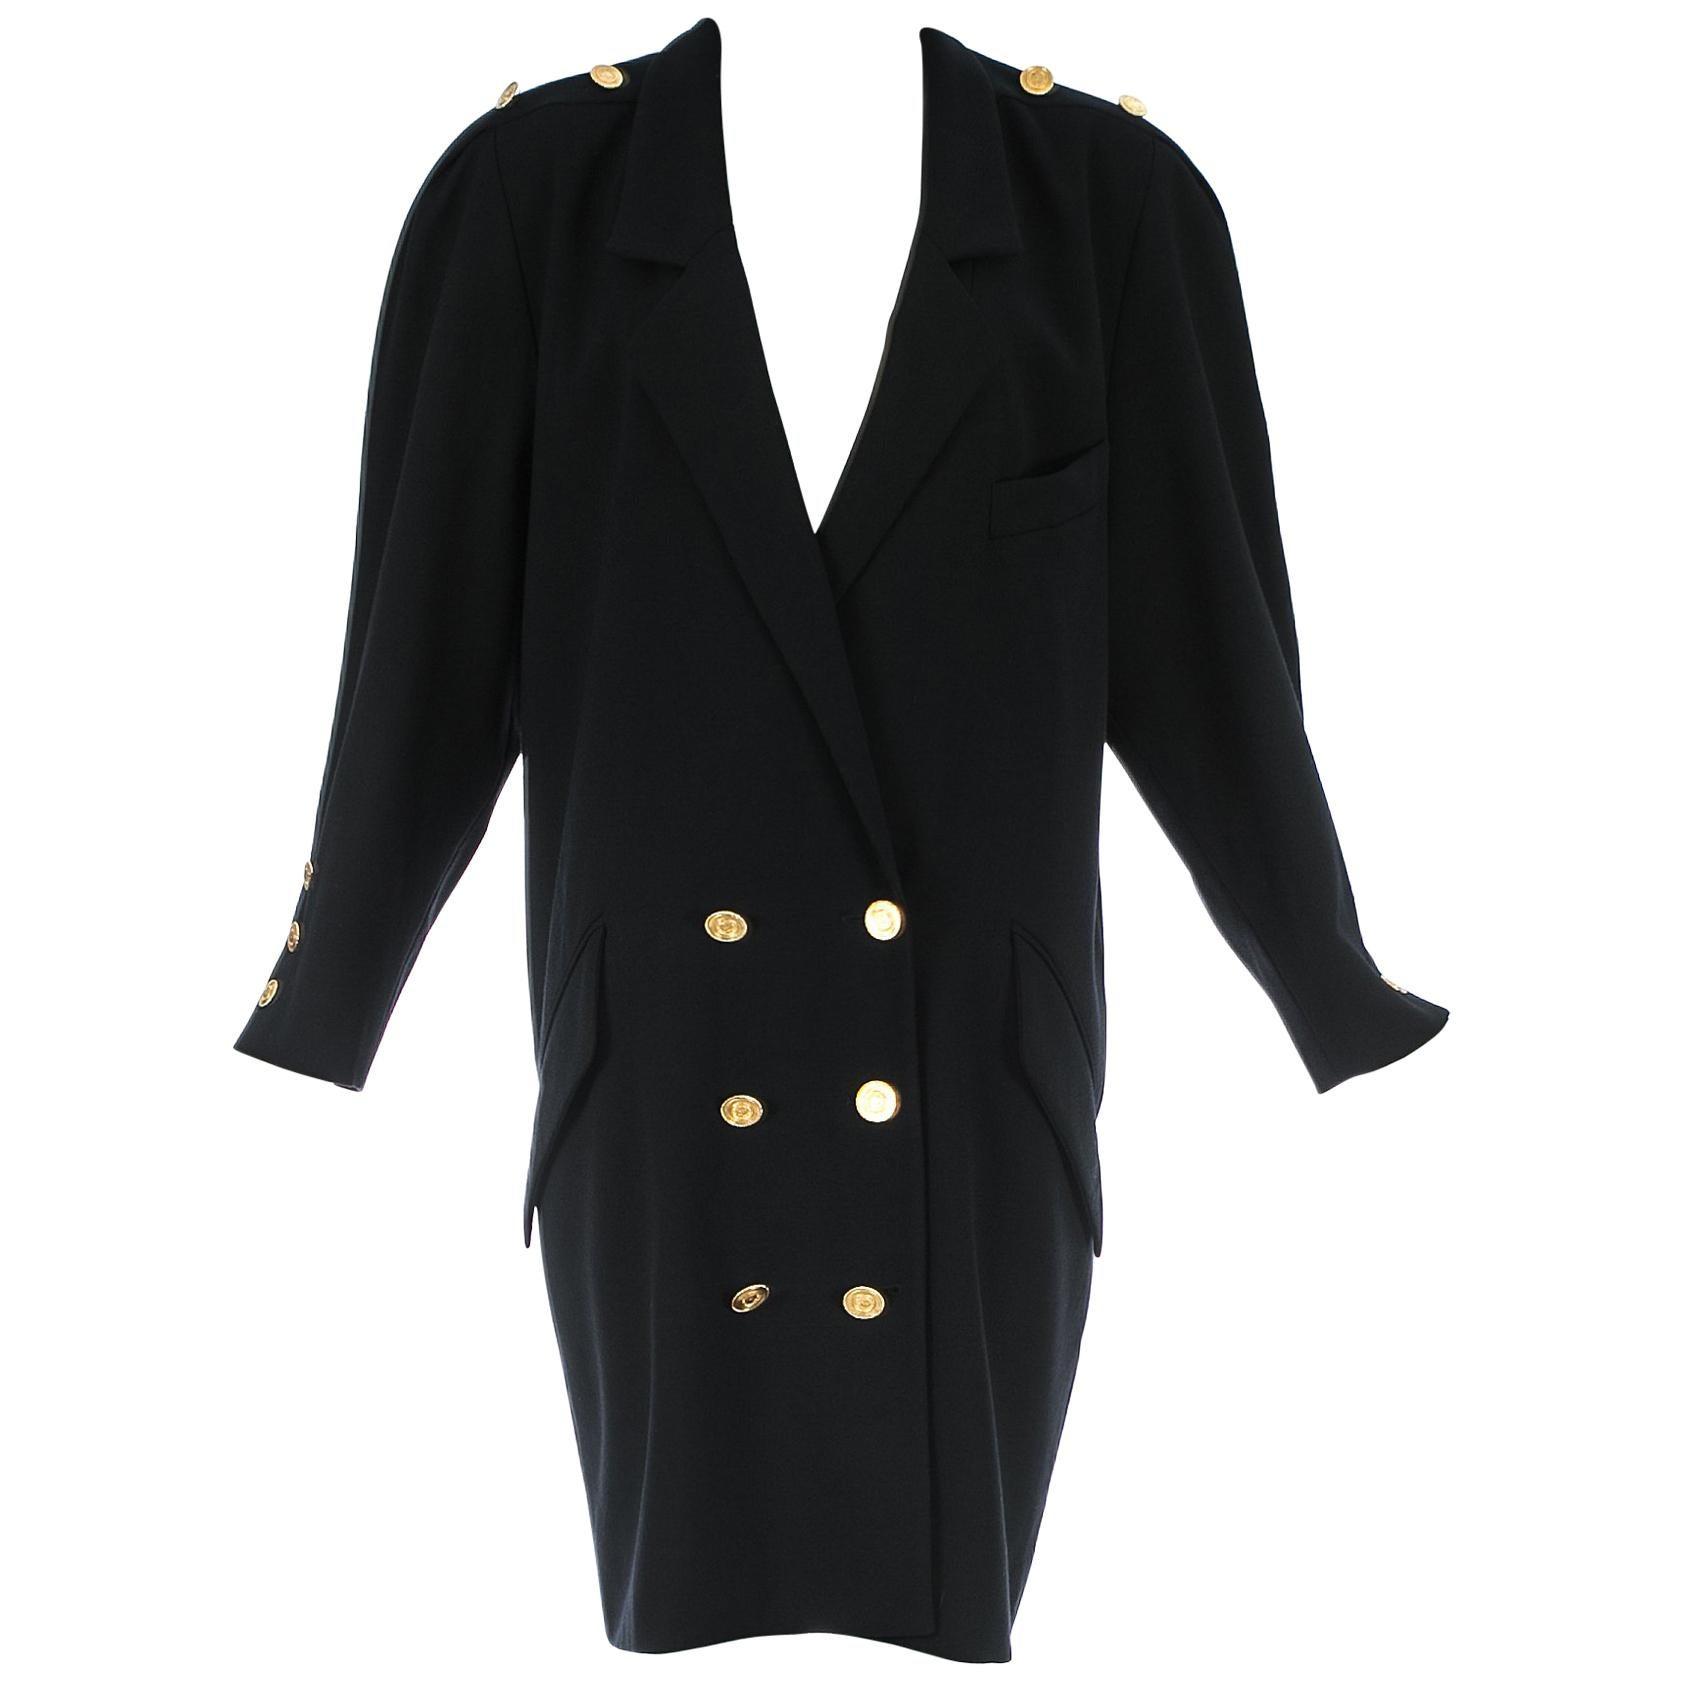 Chanel by Karl Lagerfeld black wool oversized coat dress, c. 1980s